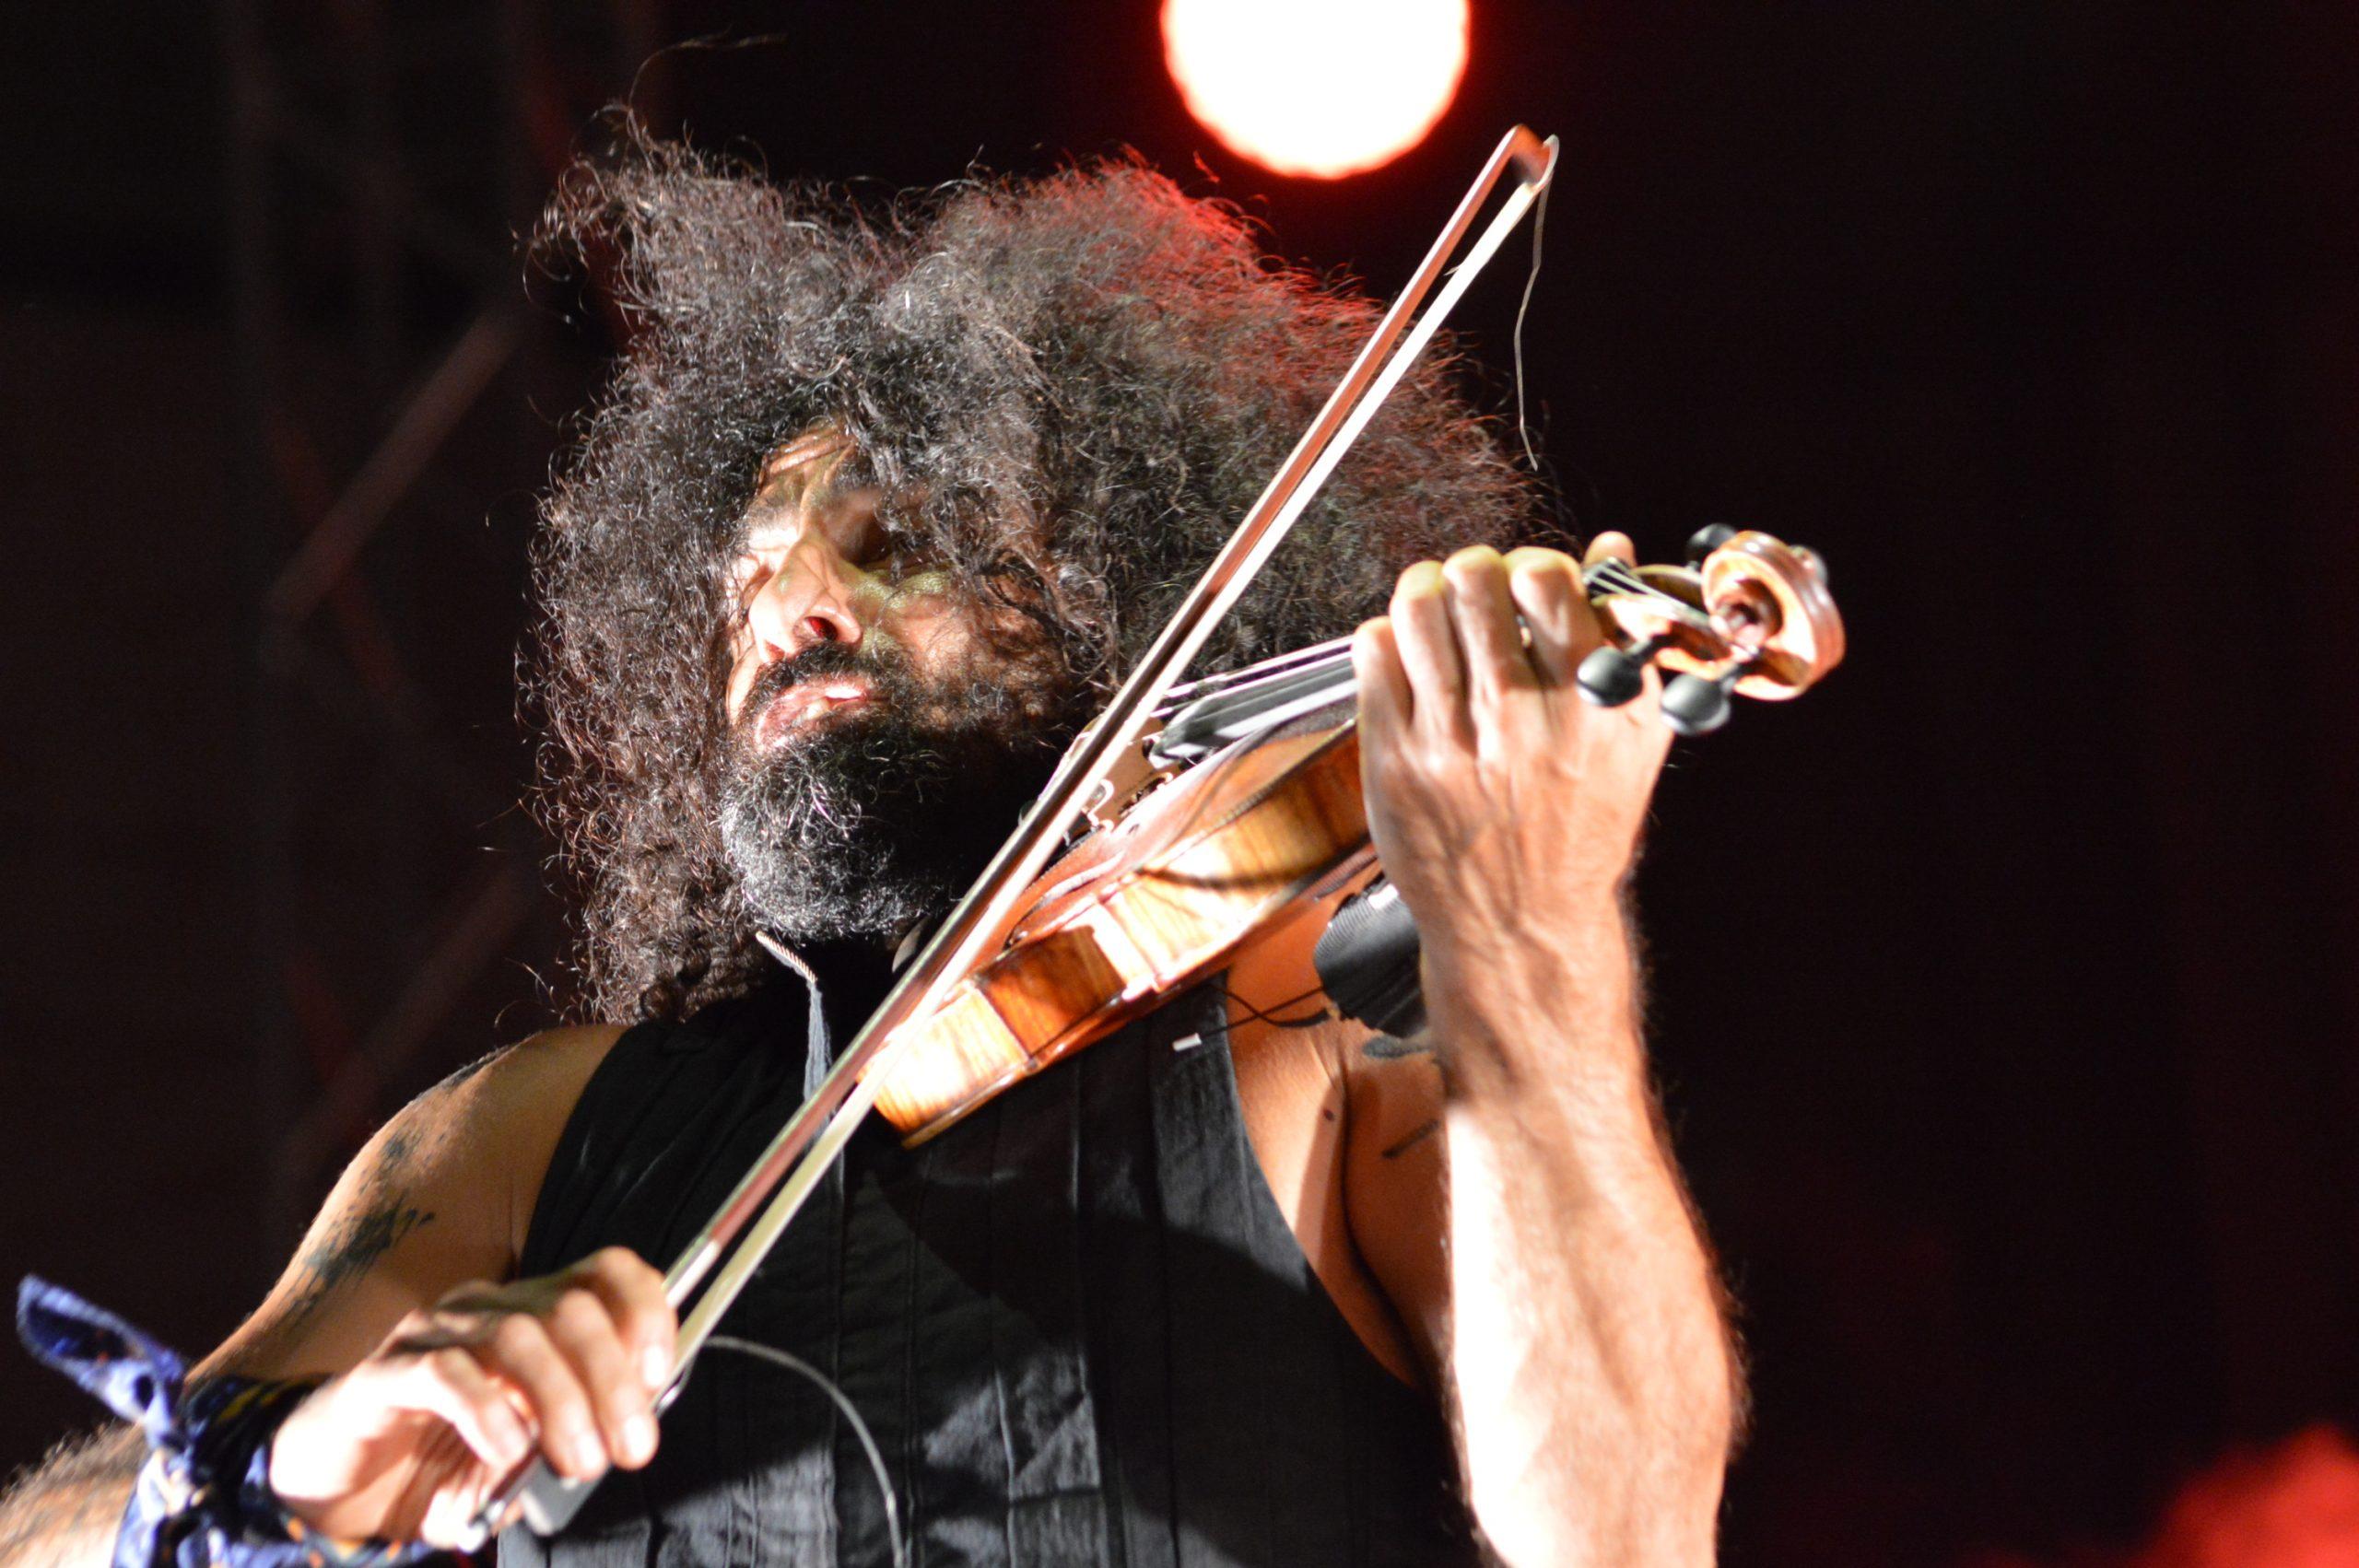 Ara Malikian emociona en su regreso a Ponferrada demostrando una vez más su virtuosismo con el violín 6